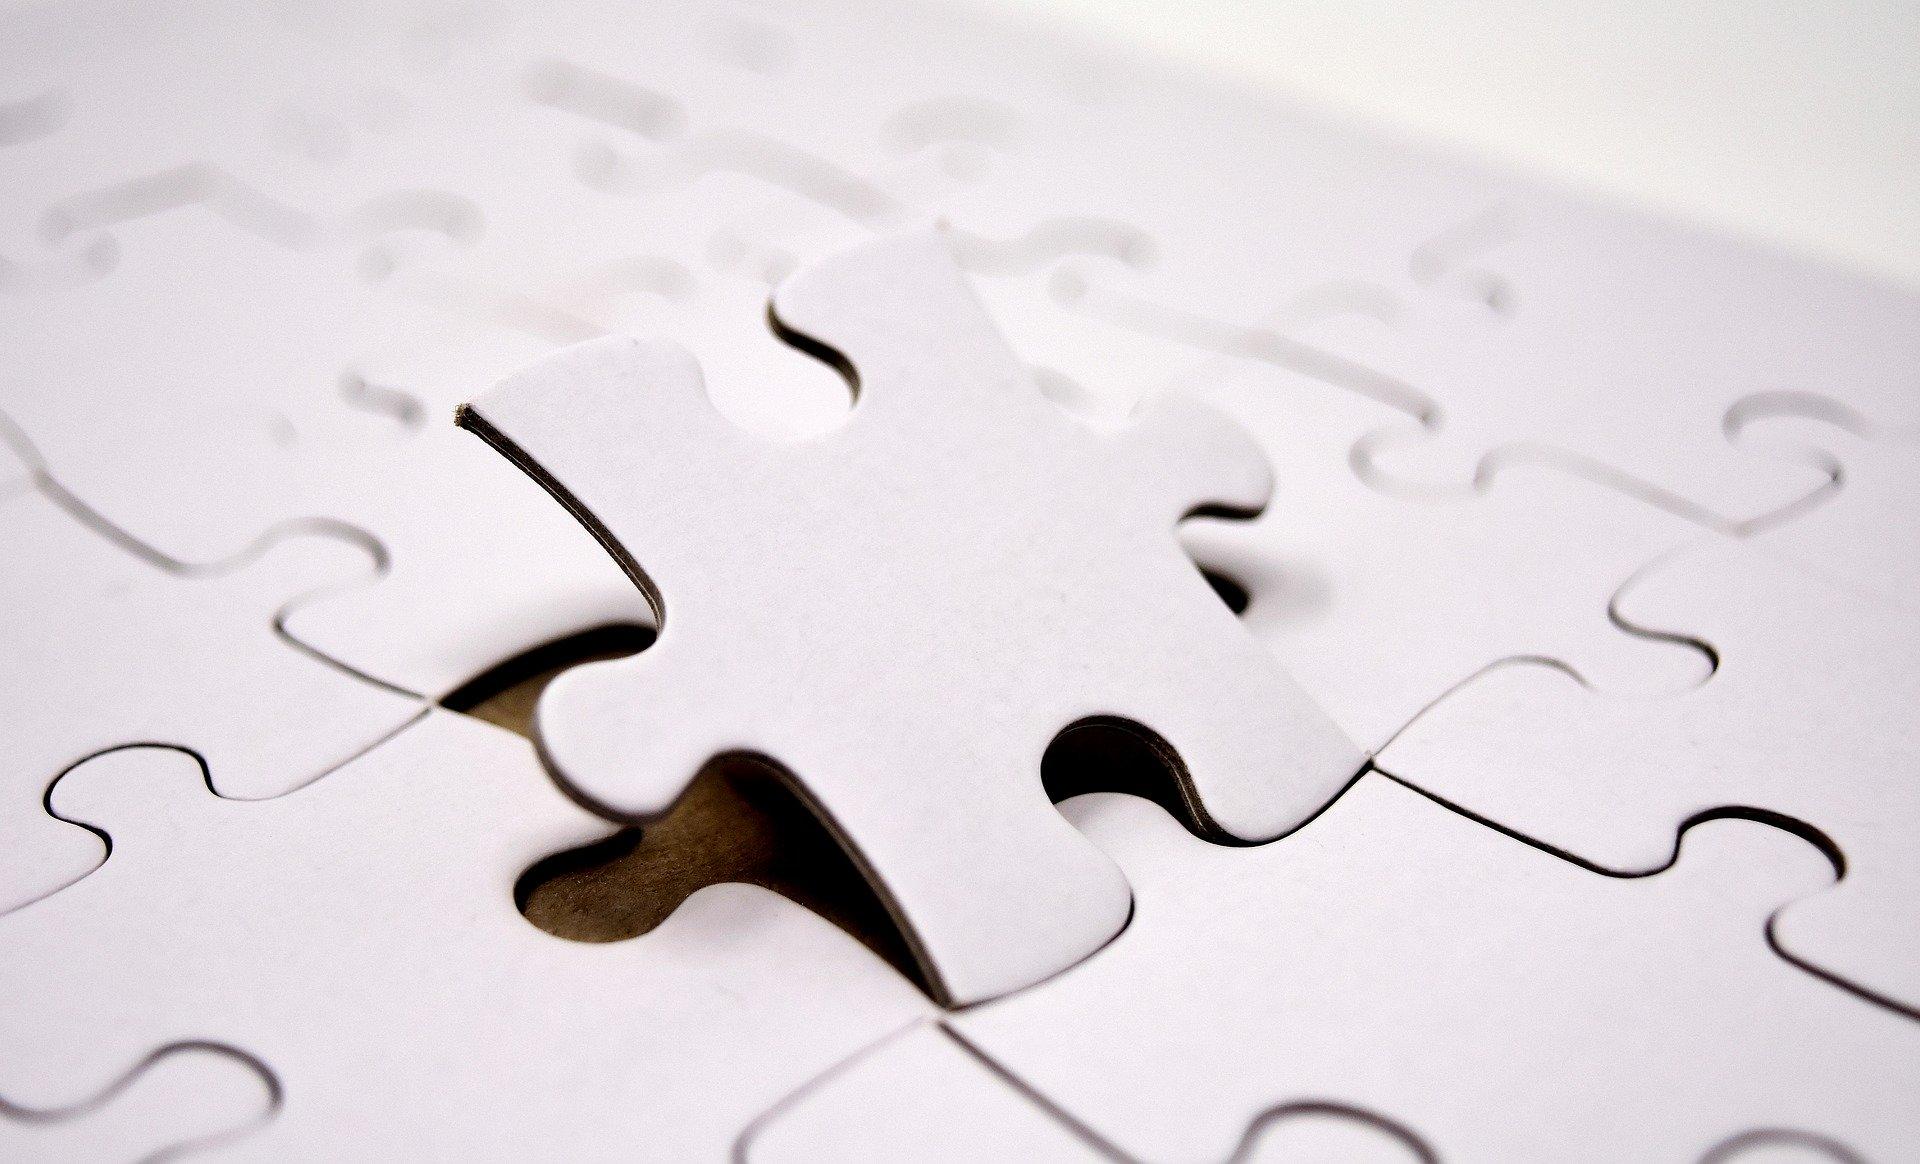 Autismoa duten ikasleen bizi kalitatea eta integrazioa hobetzeko protokoloa diseinatu du Maria Bariain Iruñearrak